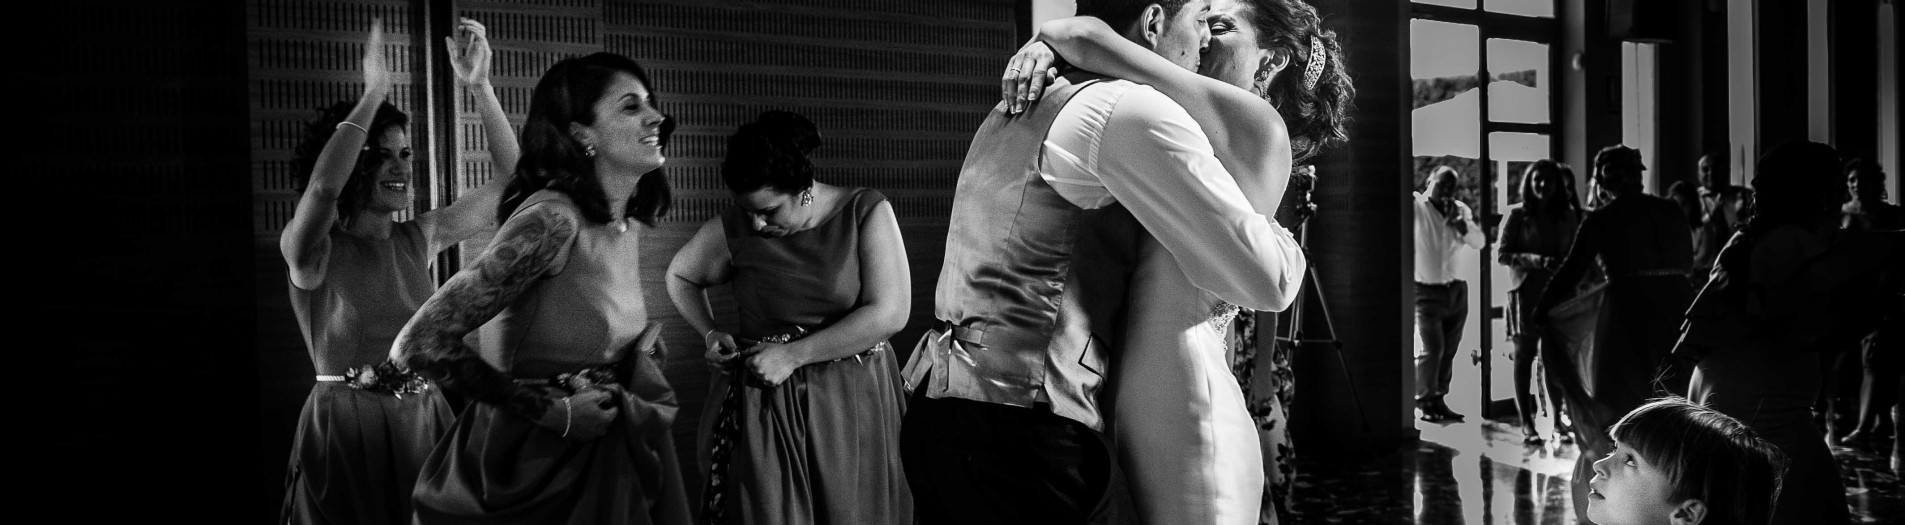 Boda en Murcia -Mula -Alicia y Jaime